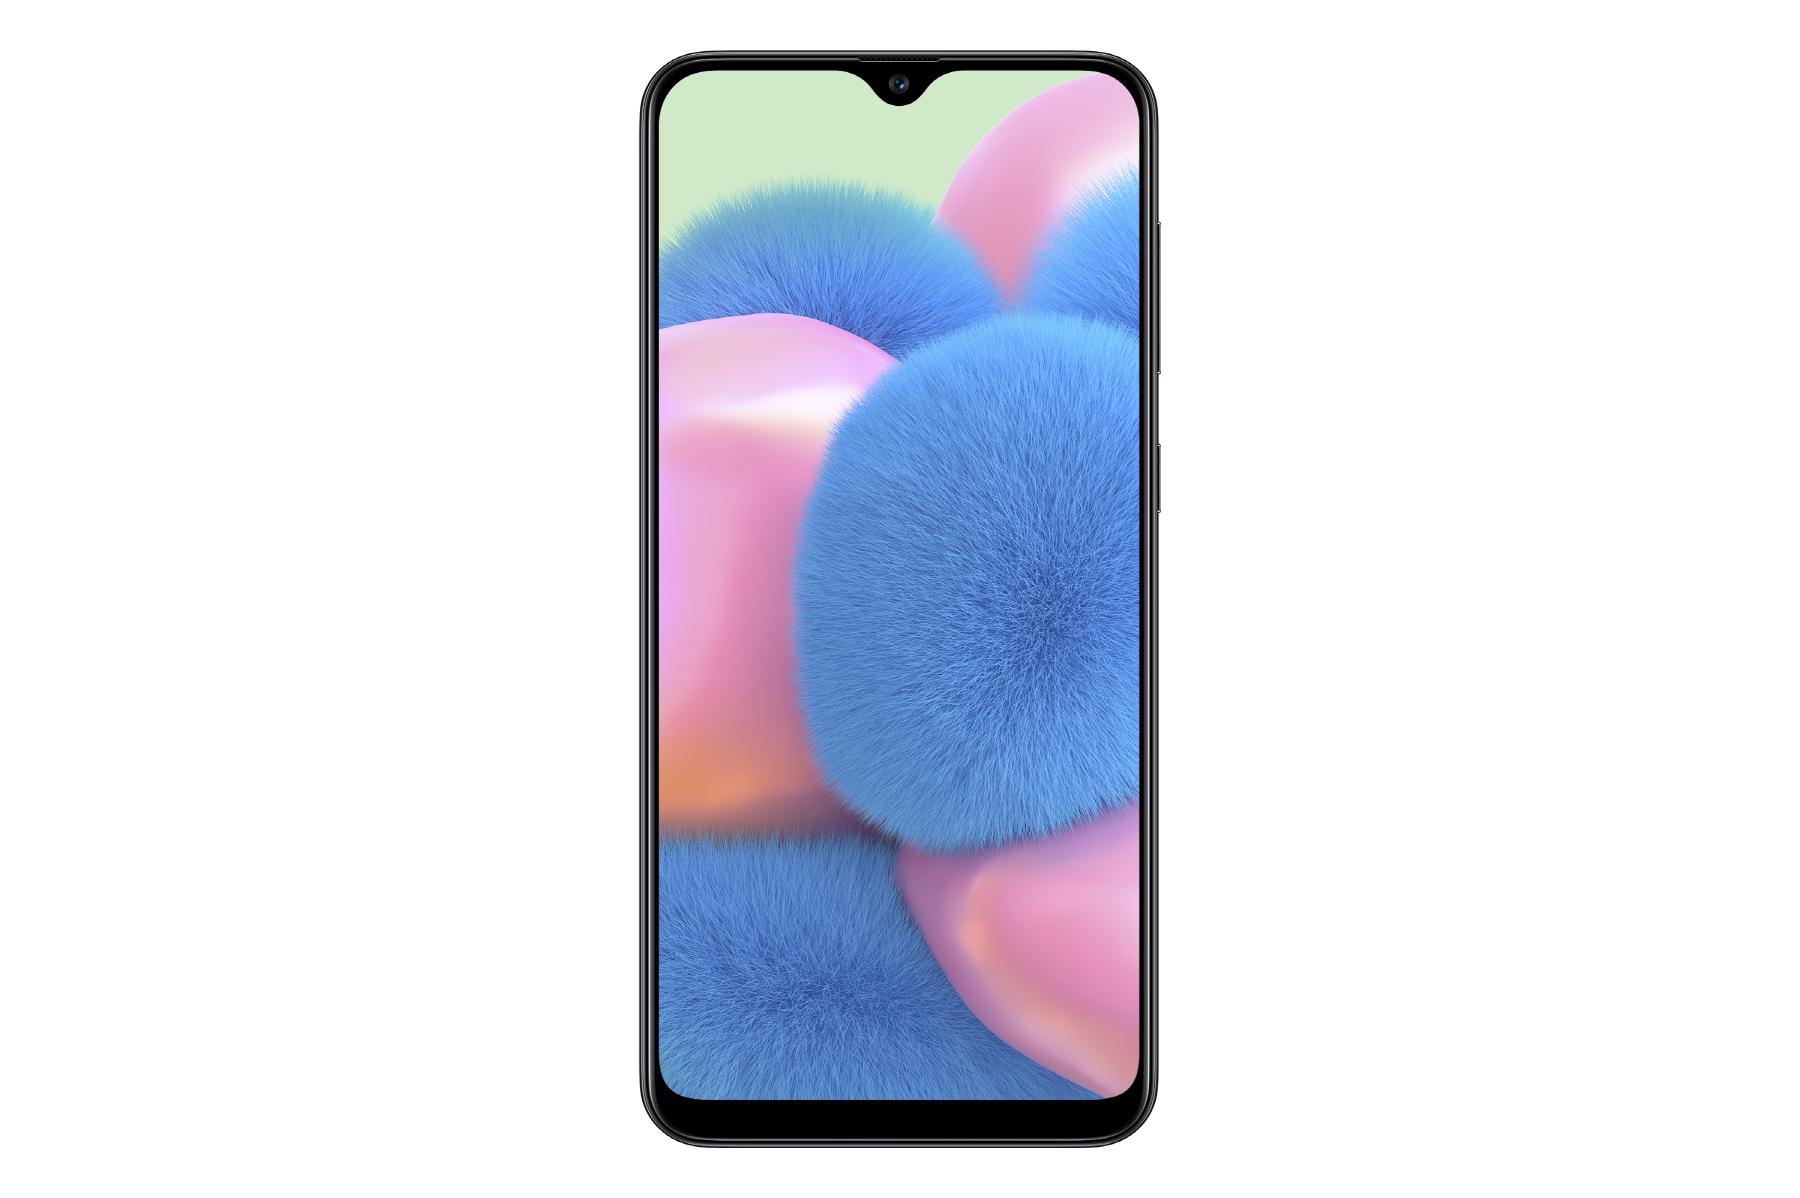 Samsung Galaxy A30s cena premiera specyfikacja techniczna opinie gdzie kupić najtaniej w Polsce